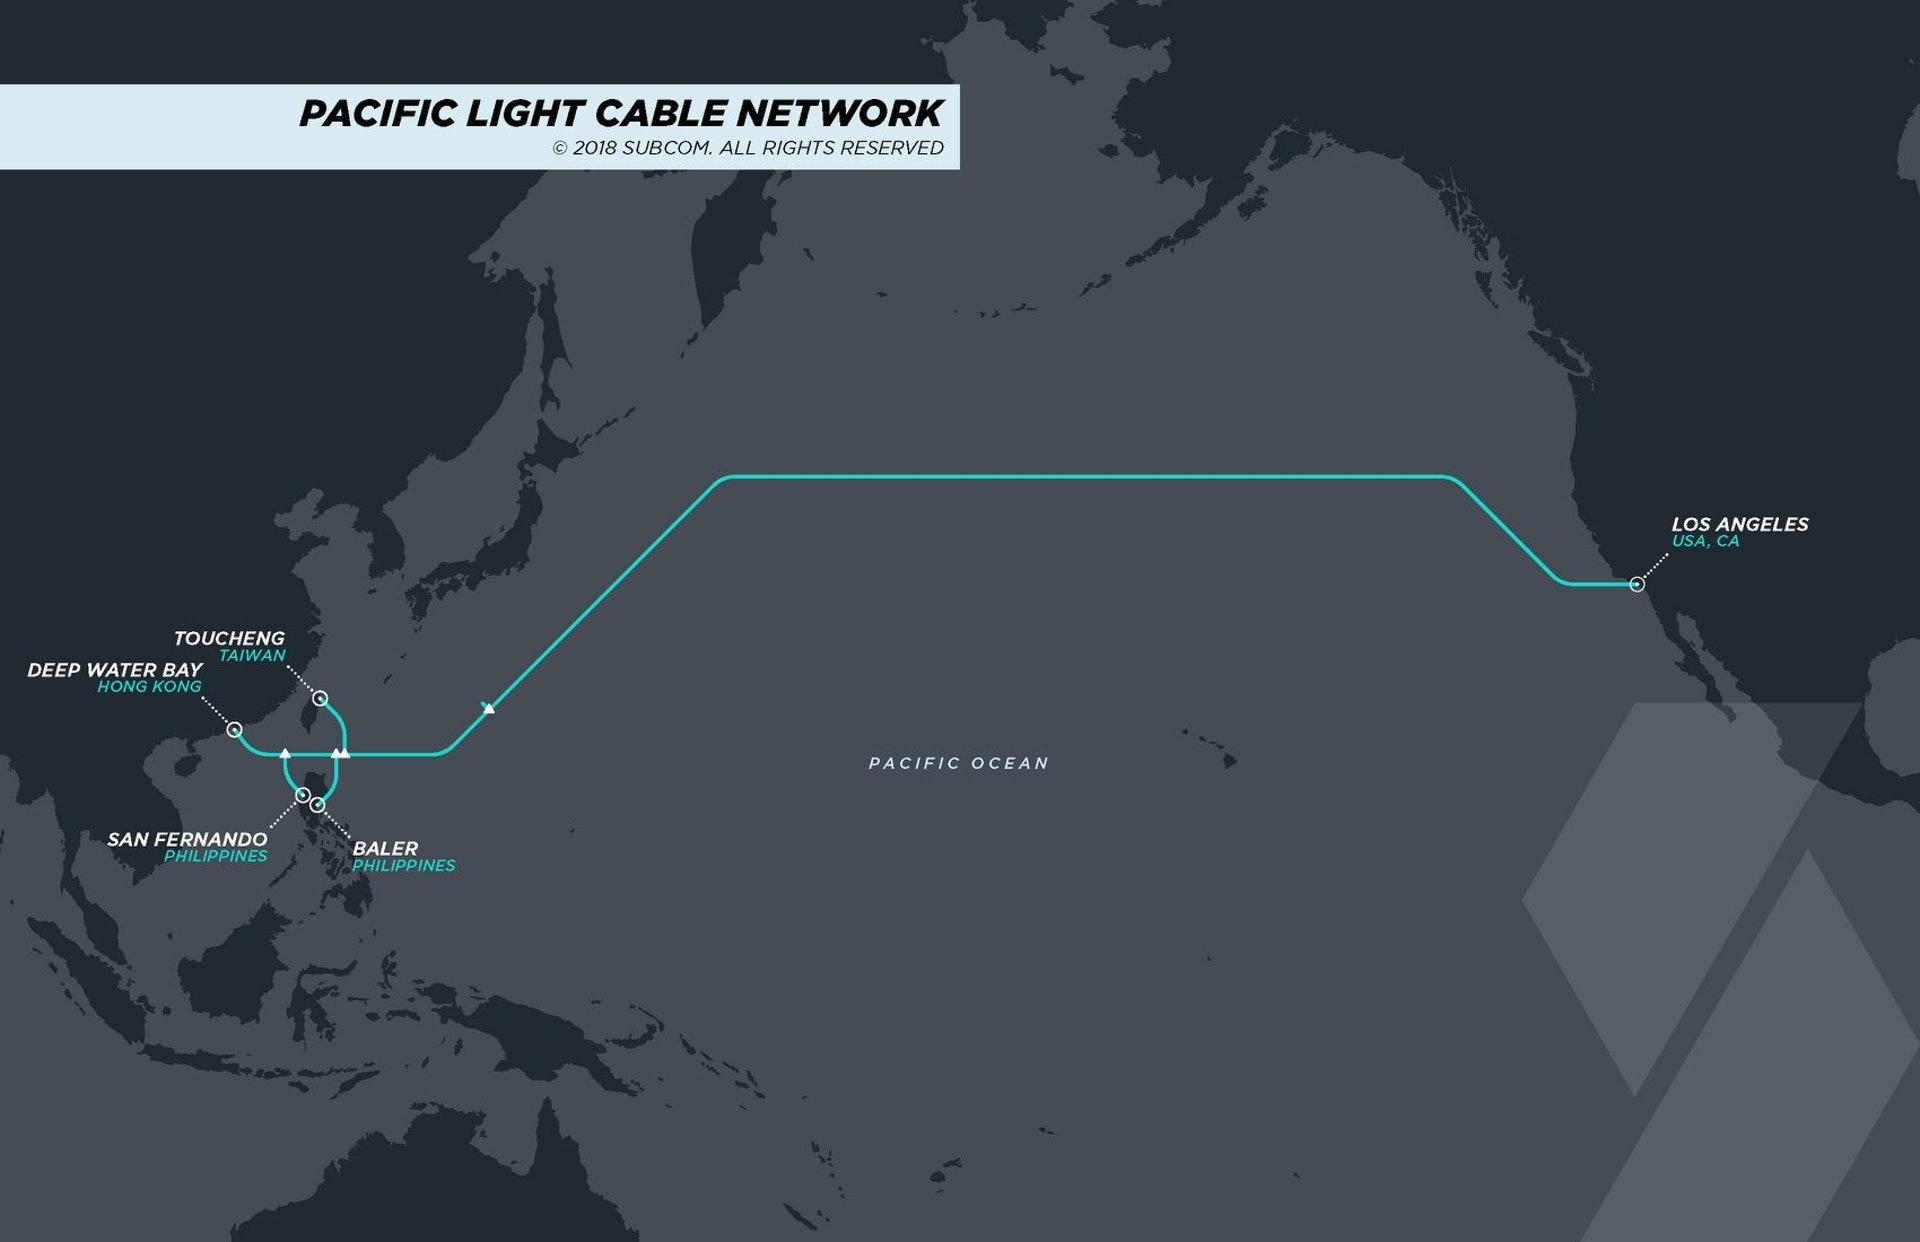 谷歌与脸书海底电缆计划交新建议 确认放弃连香港